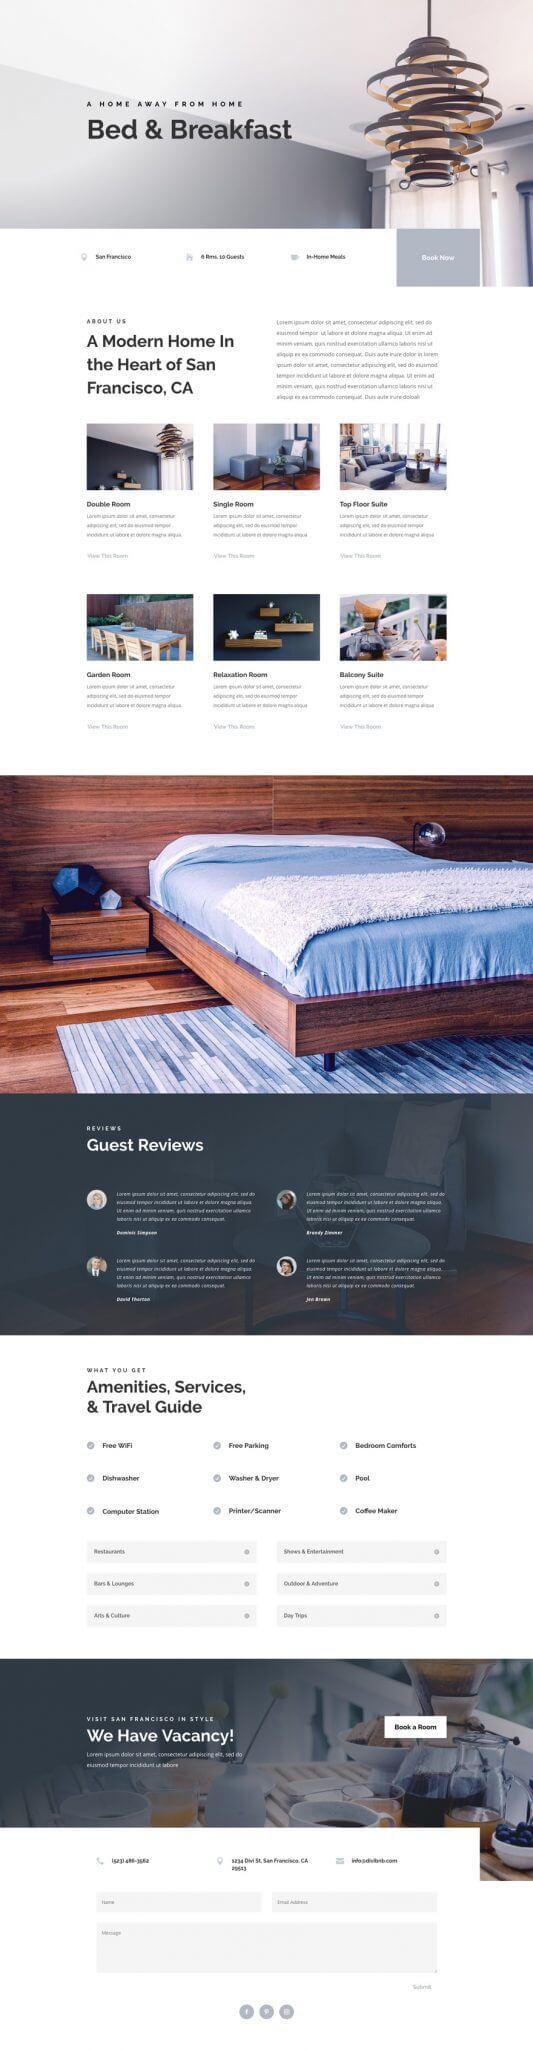 Plantilla Divi para Bed and Breakfast, Hoteles y Hosterías